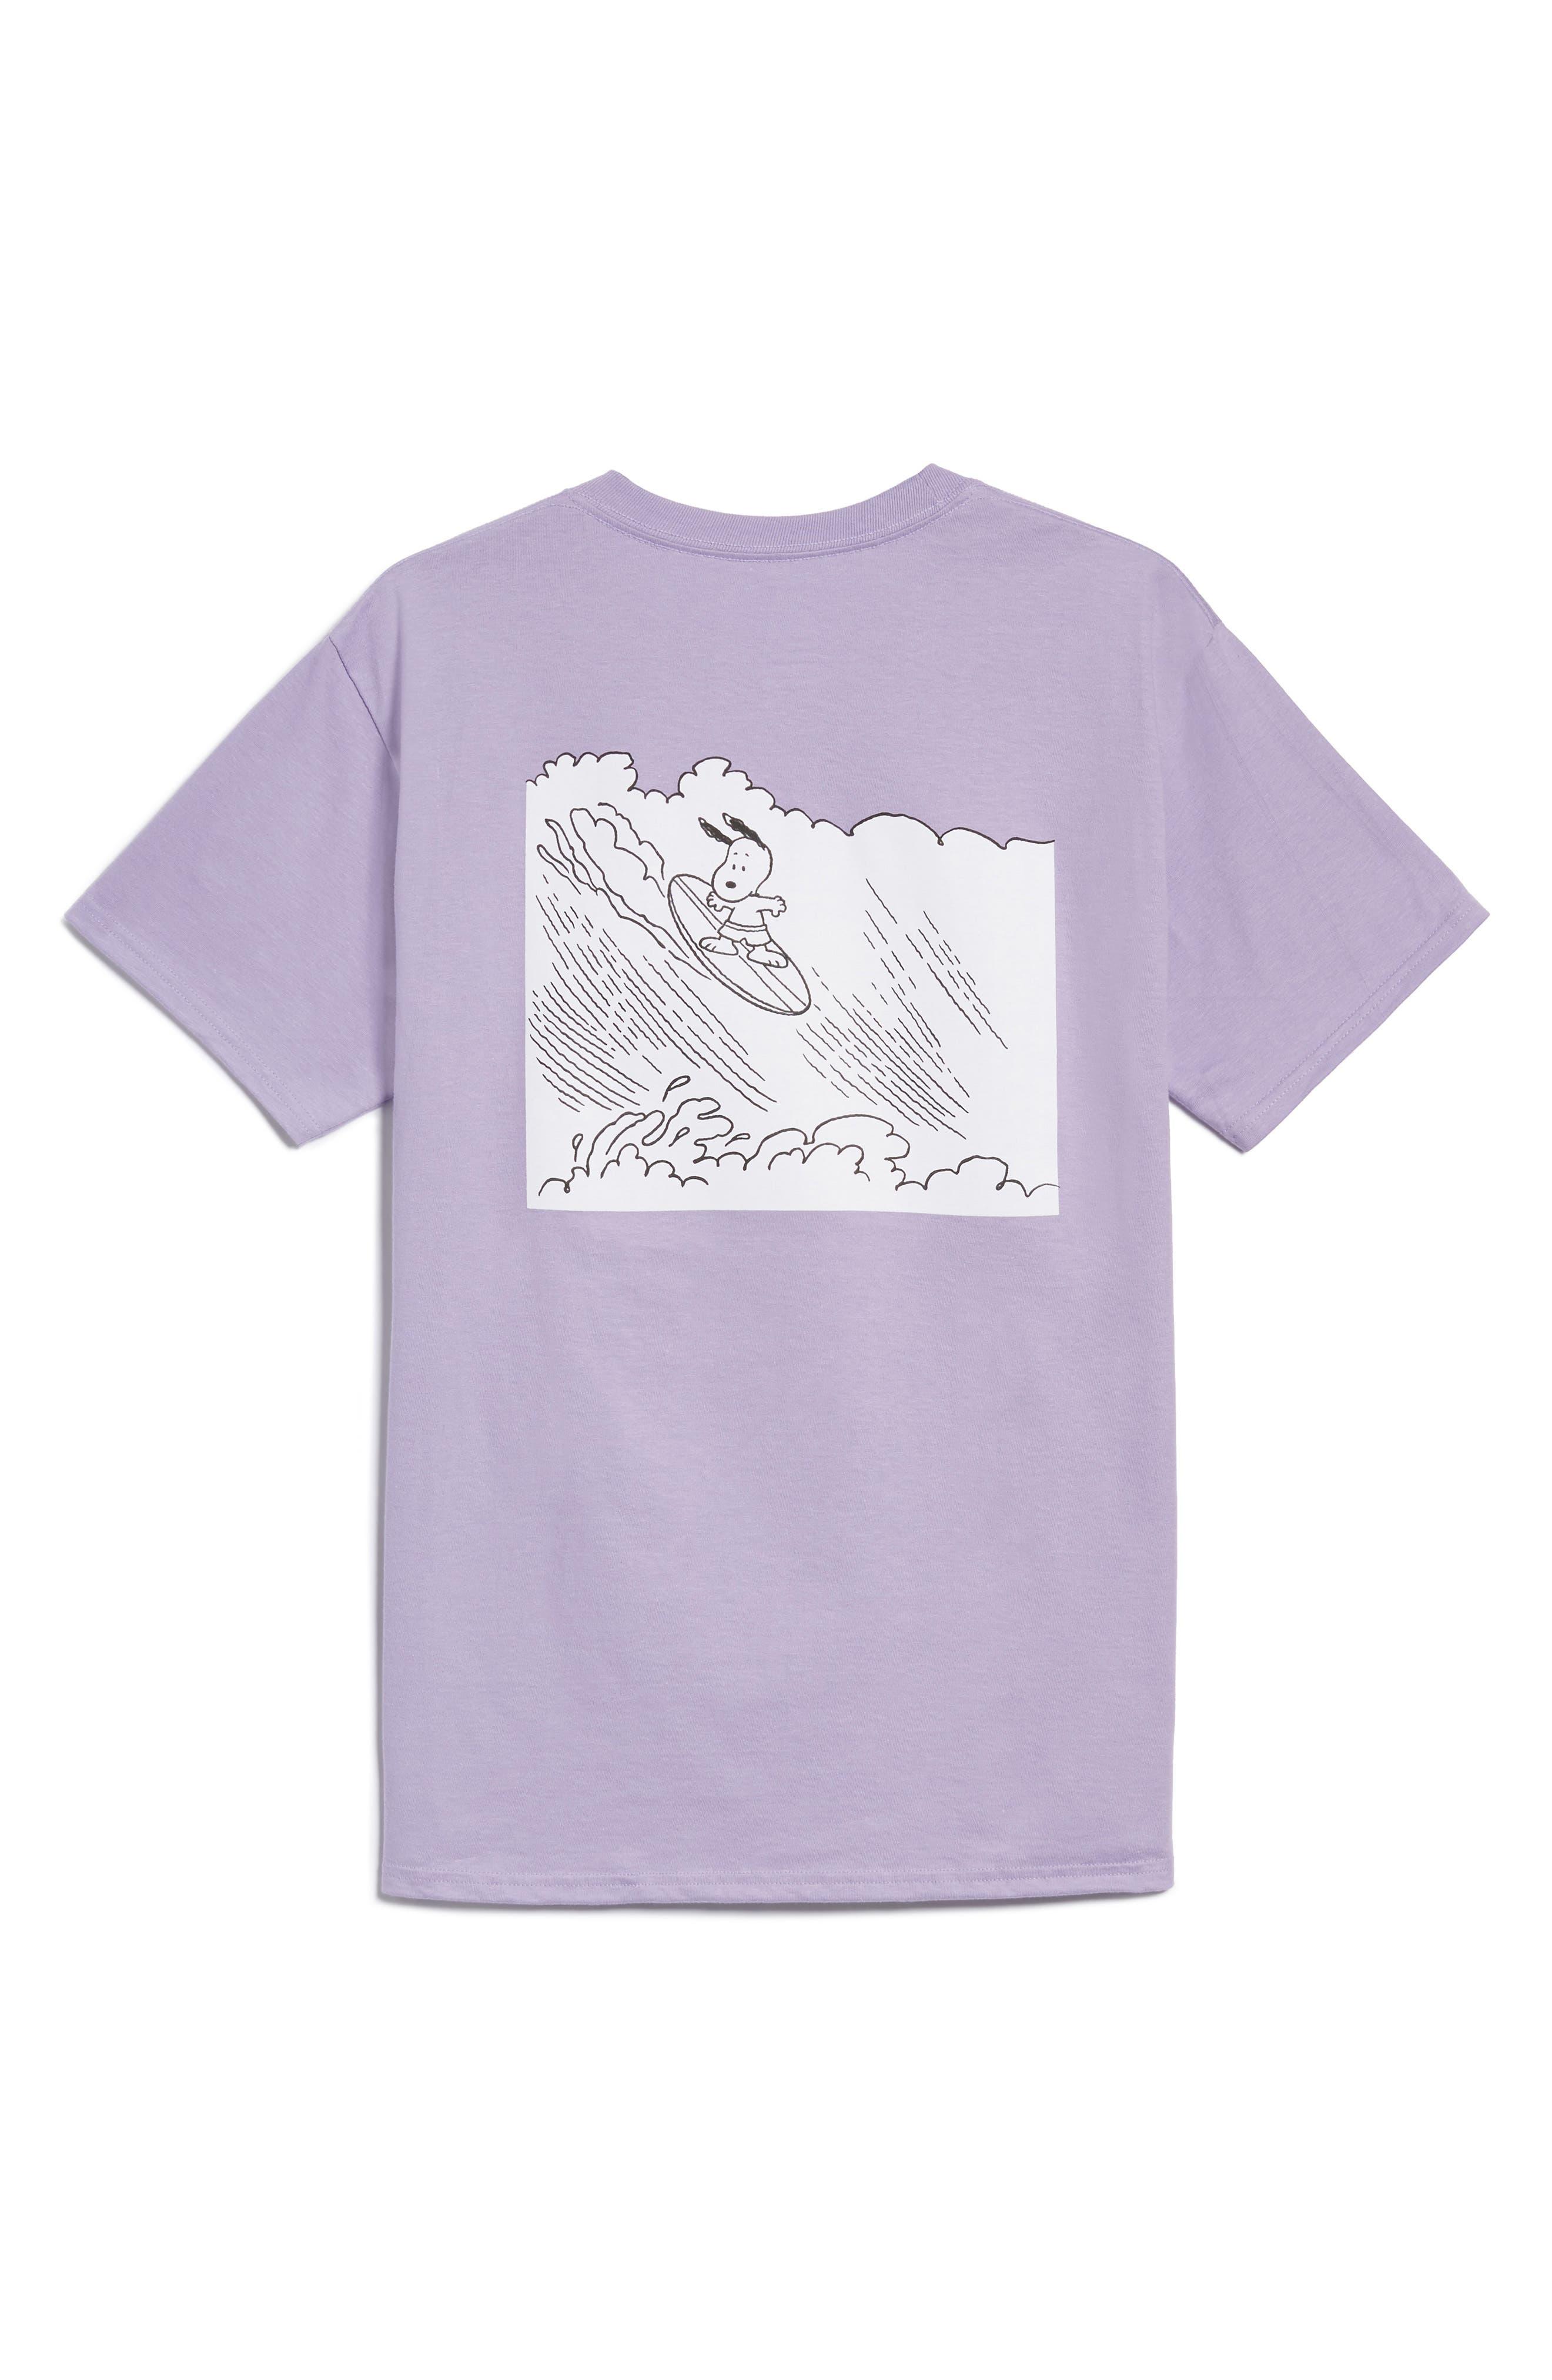 Peanuts Snoopy Surf T-Shirt,                             Main thumbnail 1, color,                             510